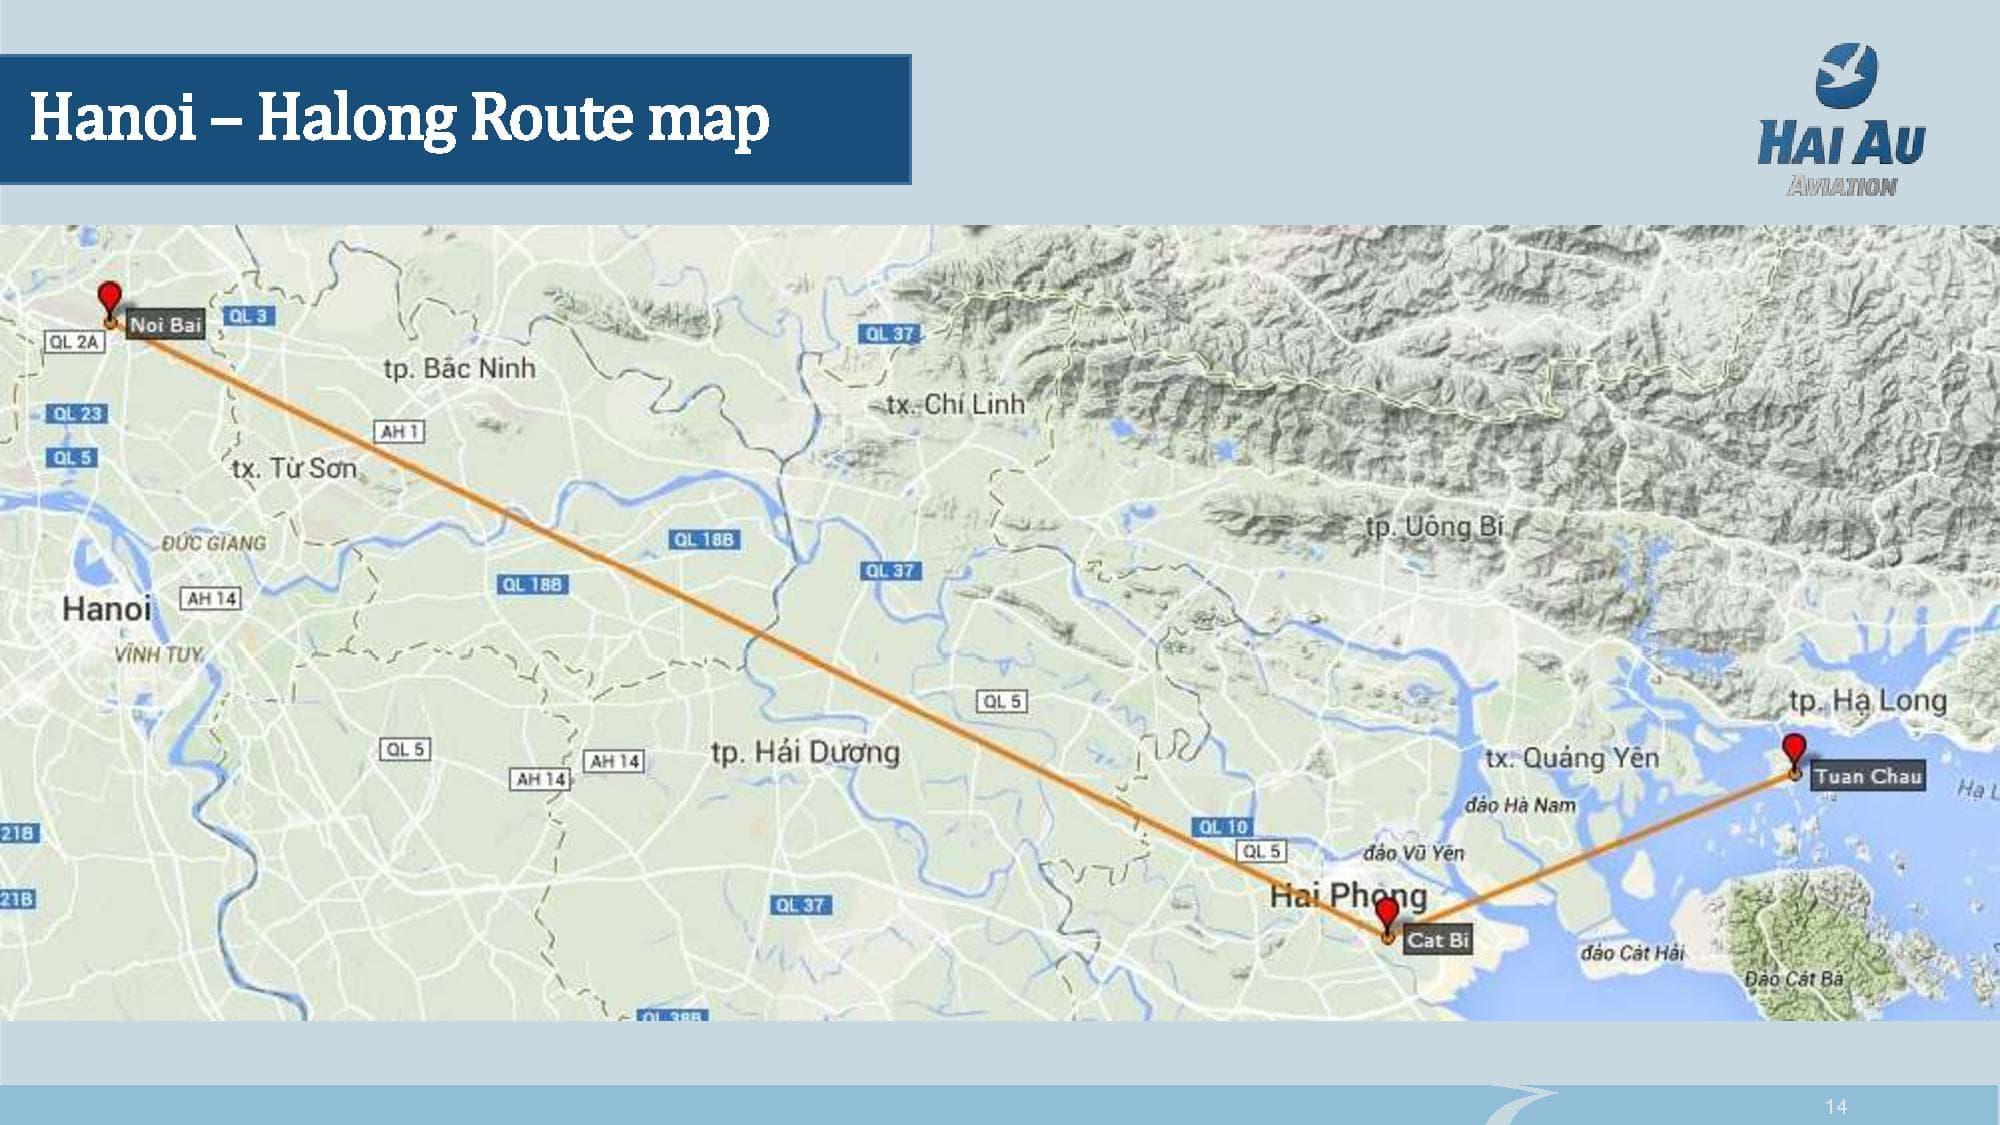 Flight from HaNoi to HaLong